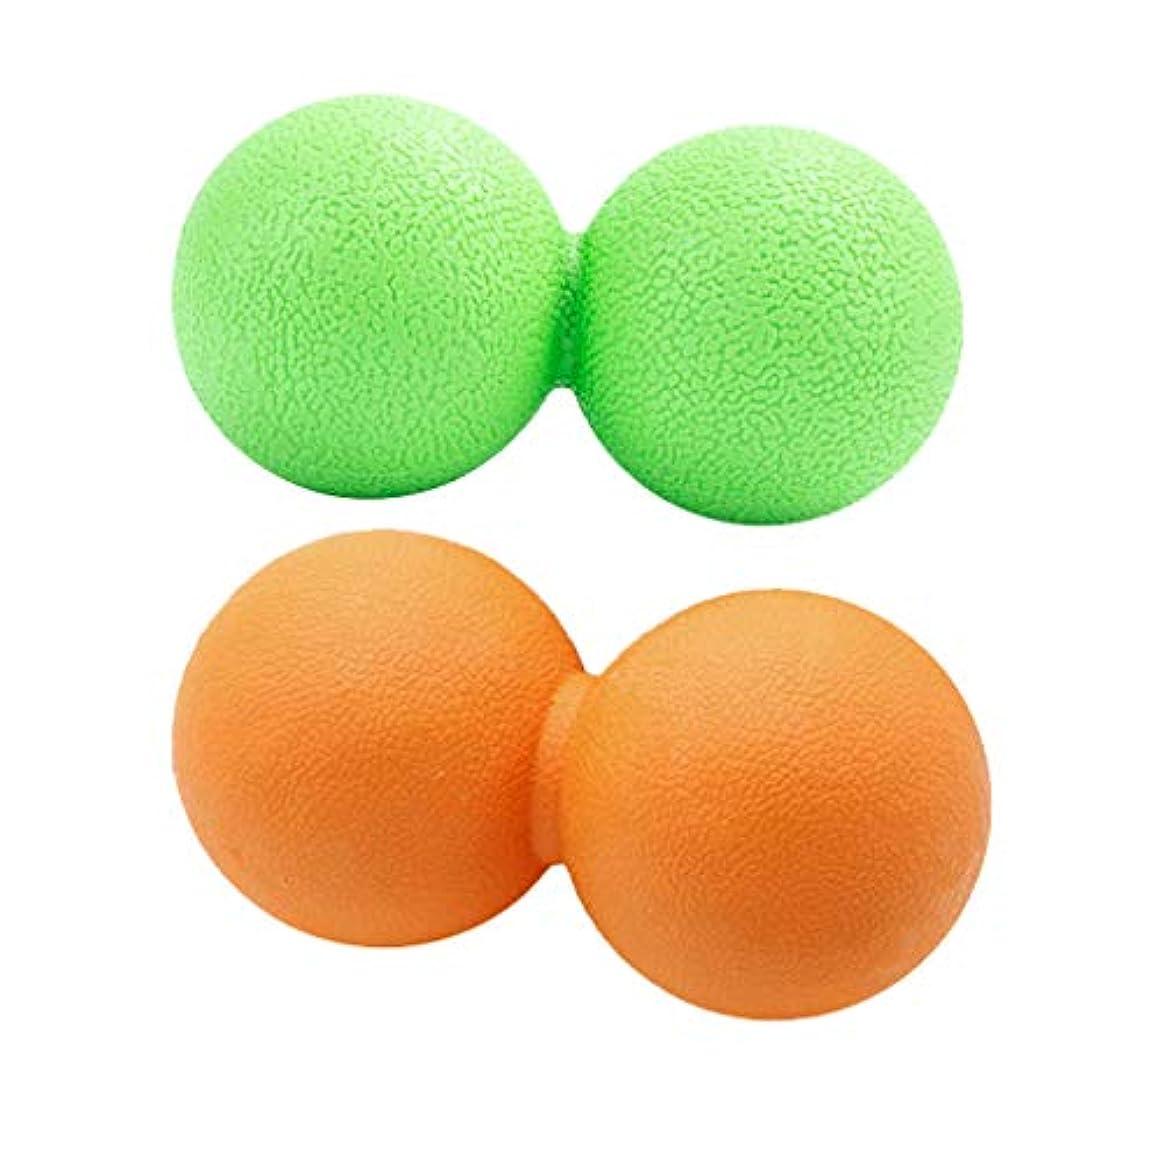 組立土曜日バッフルF Fityle マッサージボール ピーナッツ型 筋膜リリース トリガーポイント 緊張緩和 健康グッズ 2個入